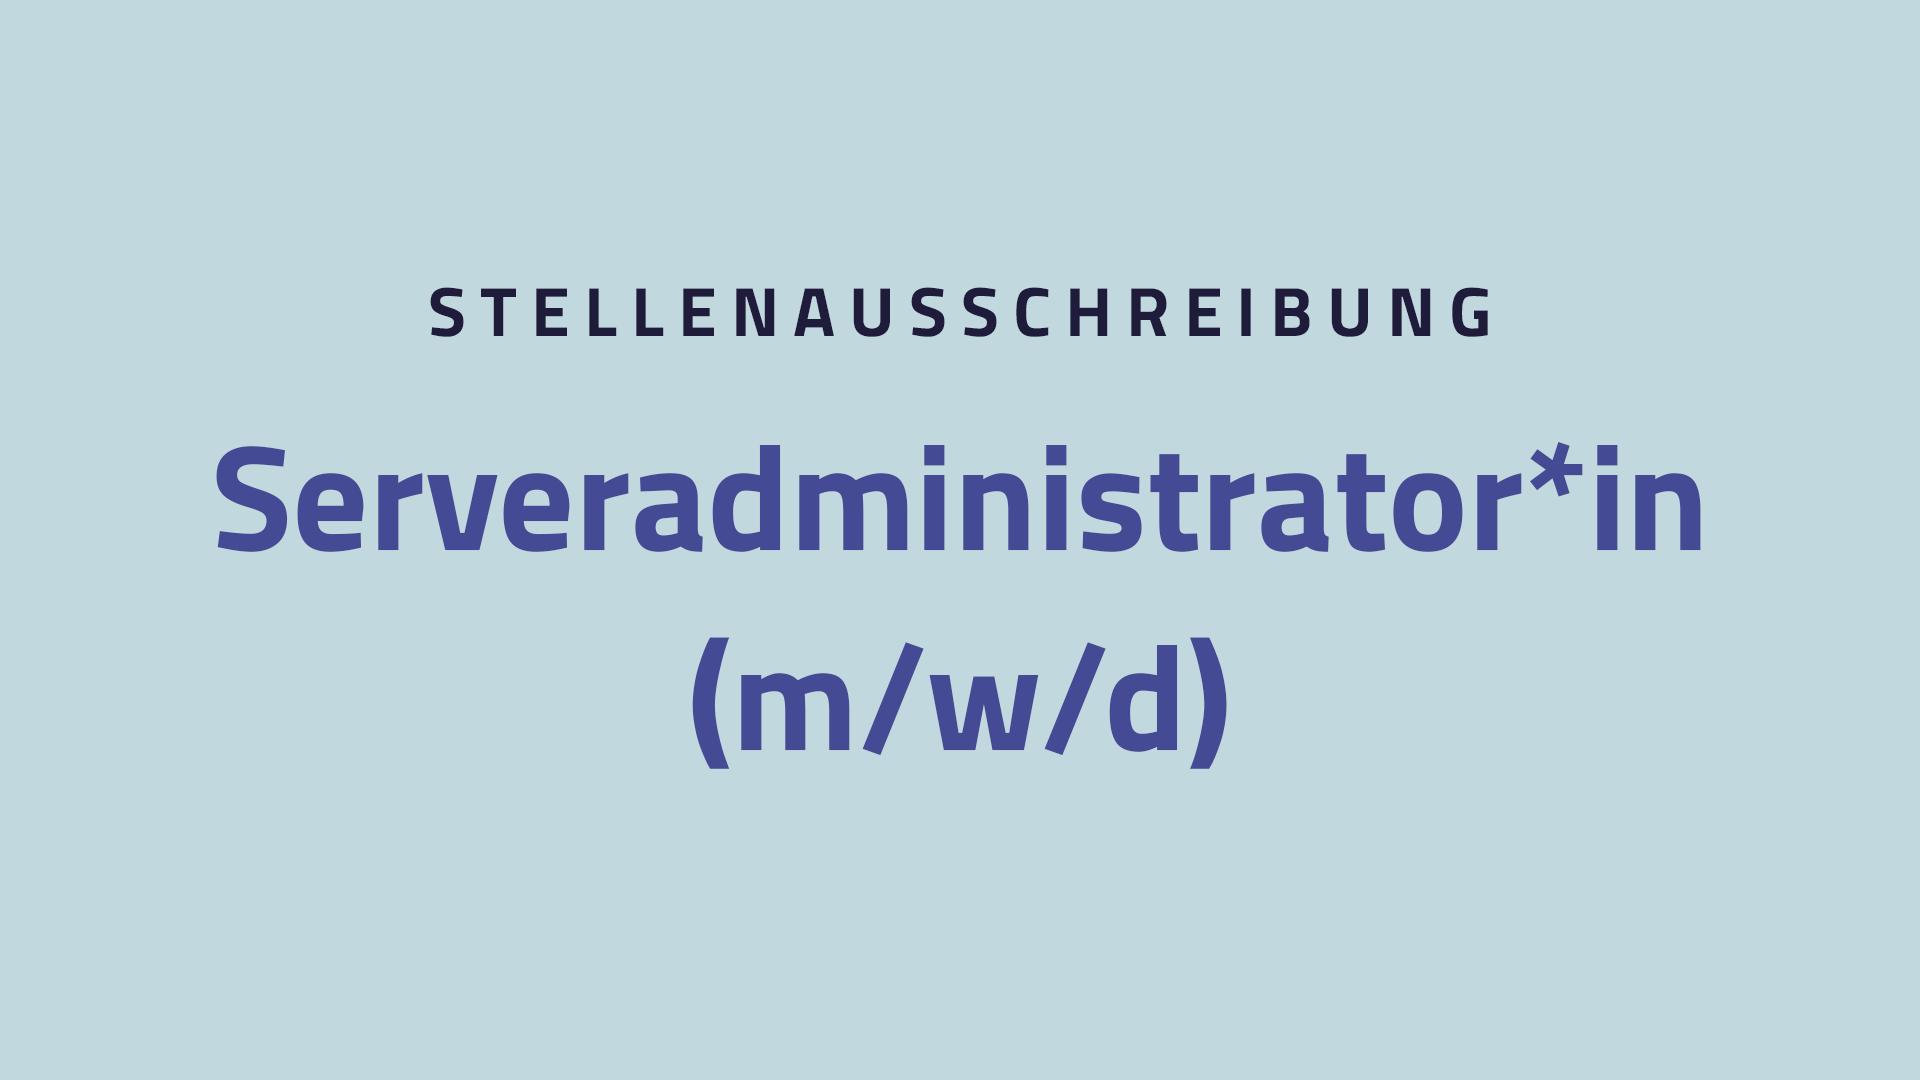 Stellenausschreibung Serveradminstration